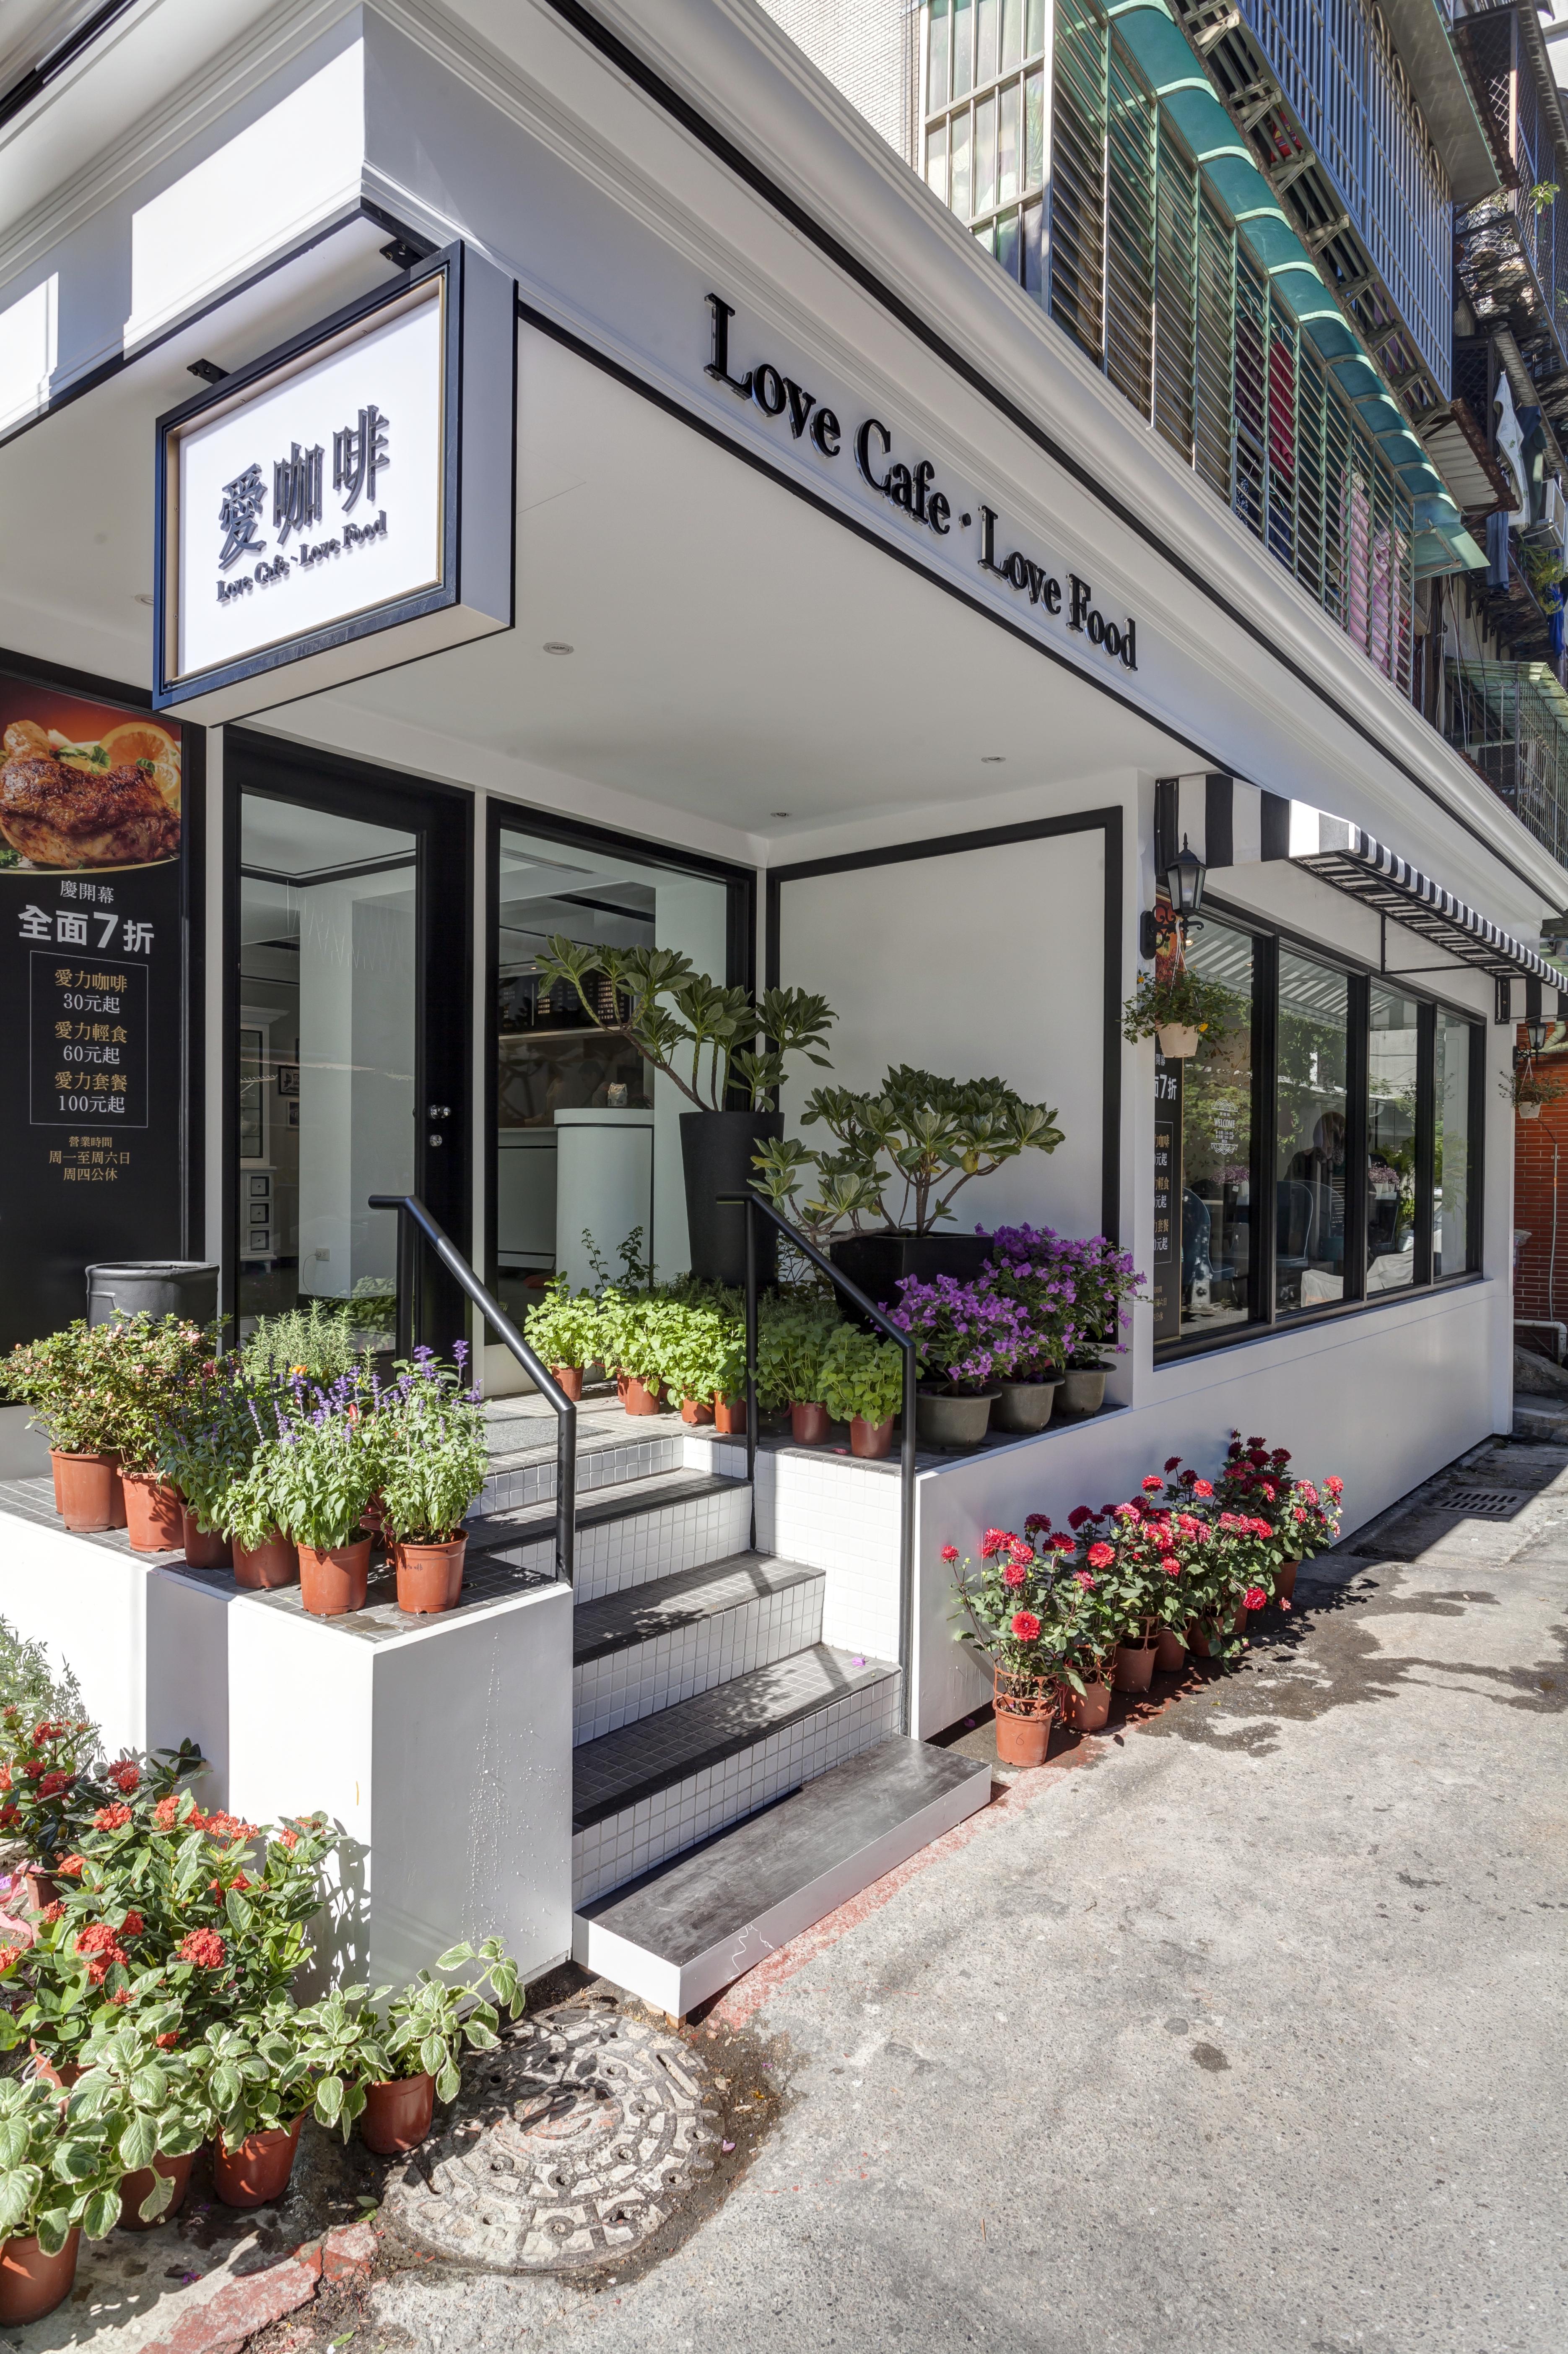 台北內湖愛咖啡餐廳